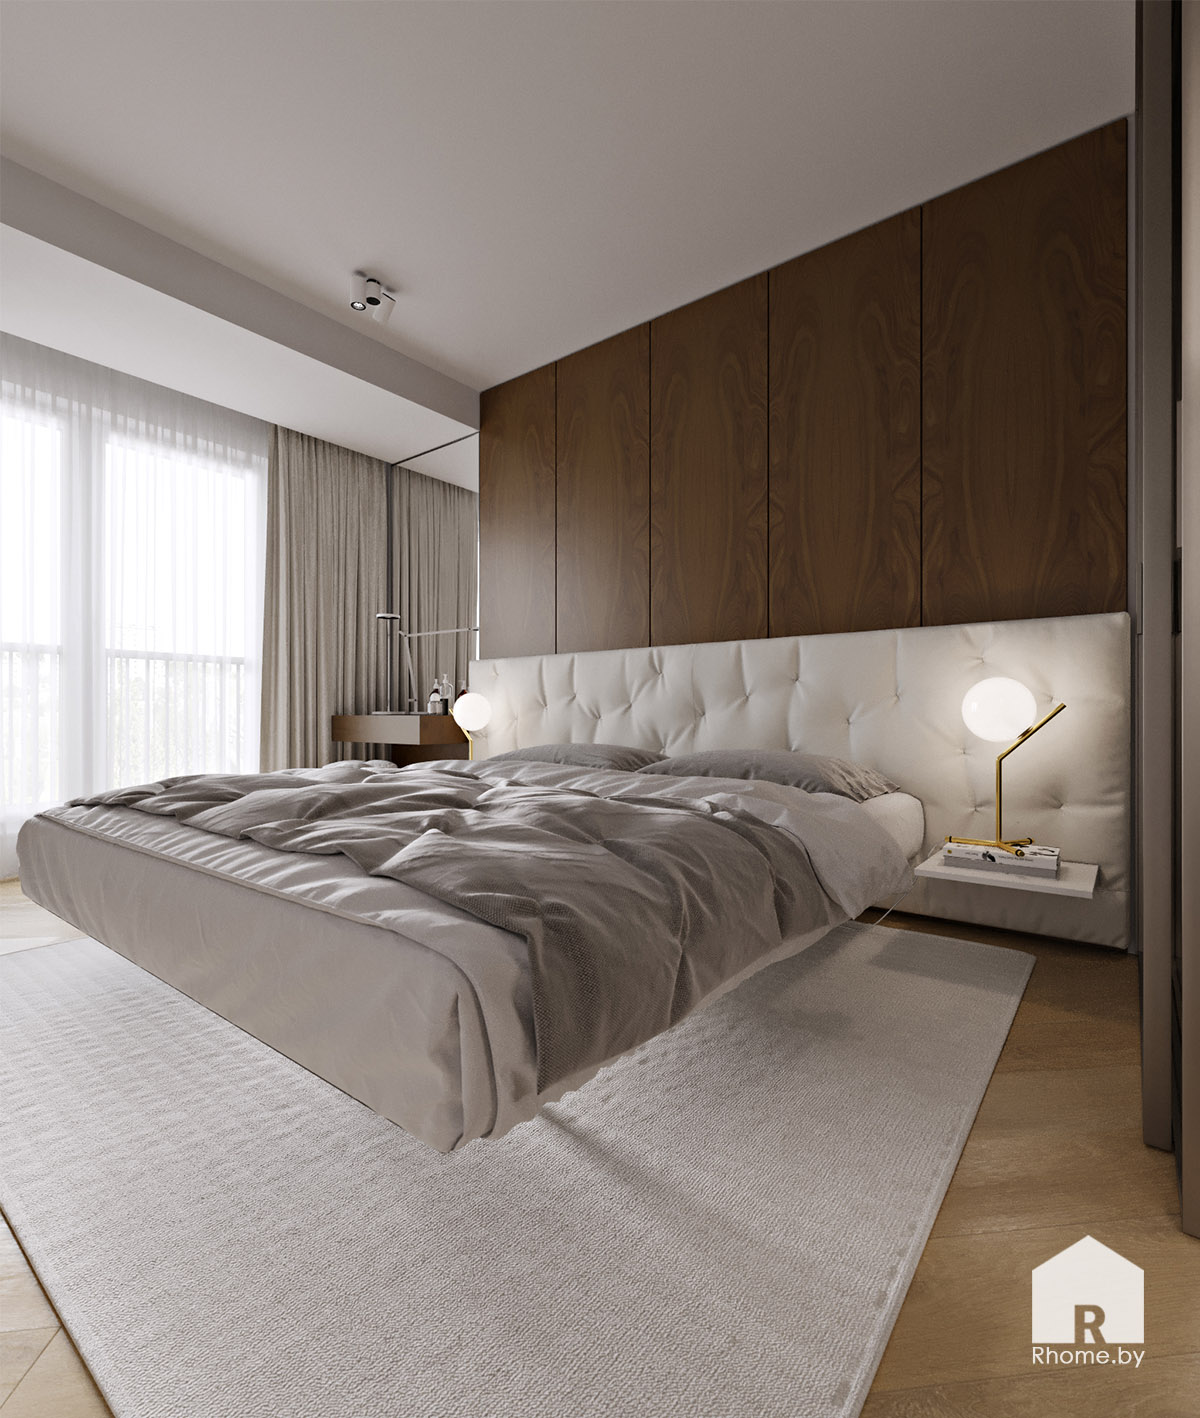 Дизайн интерьера спальни в Новой Боровой | Дизайн студия – Rhome.by